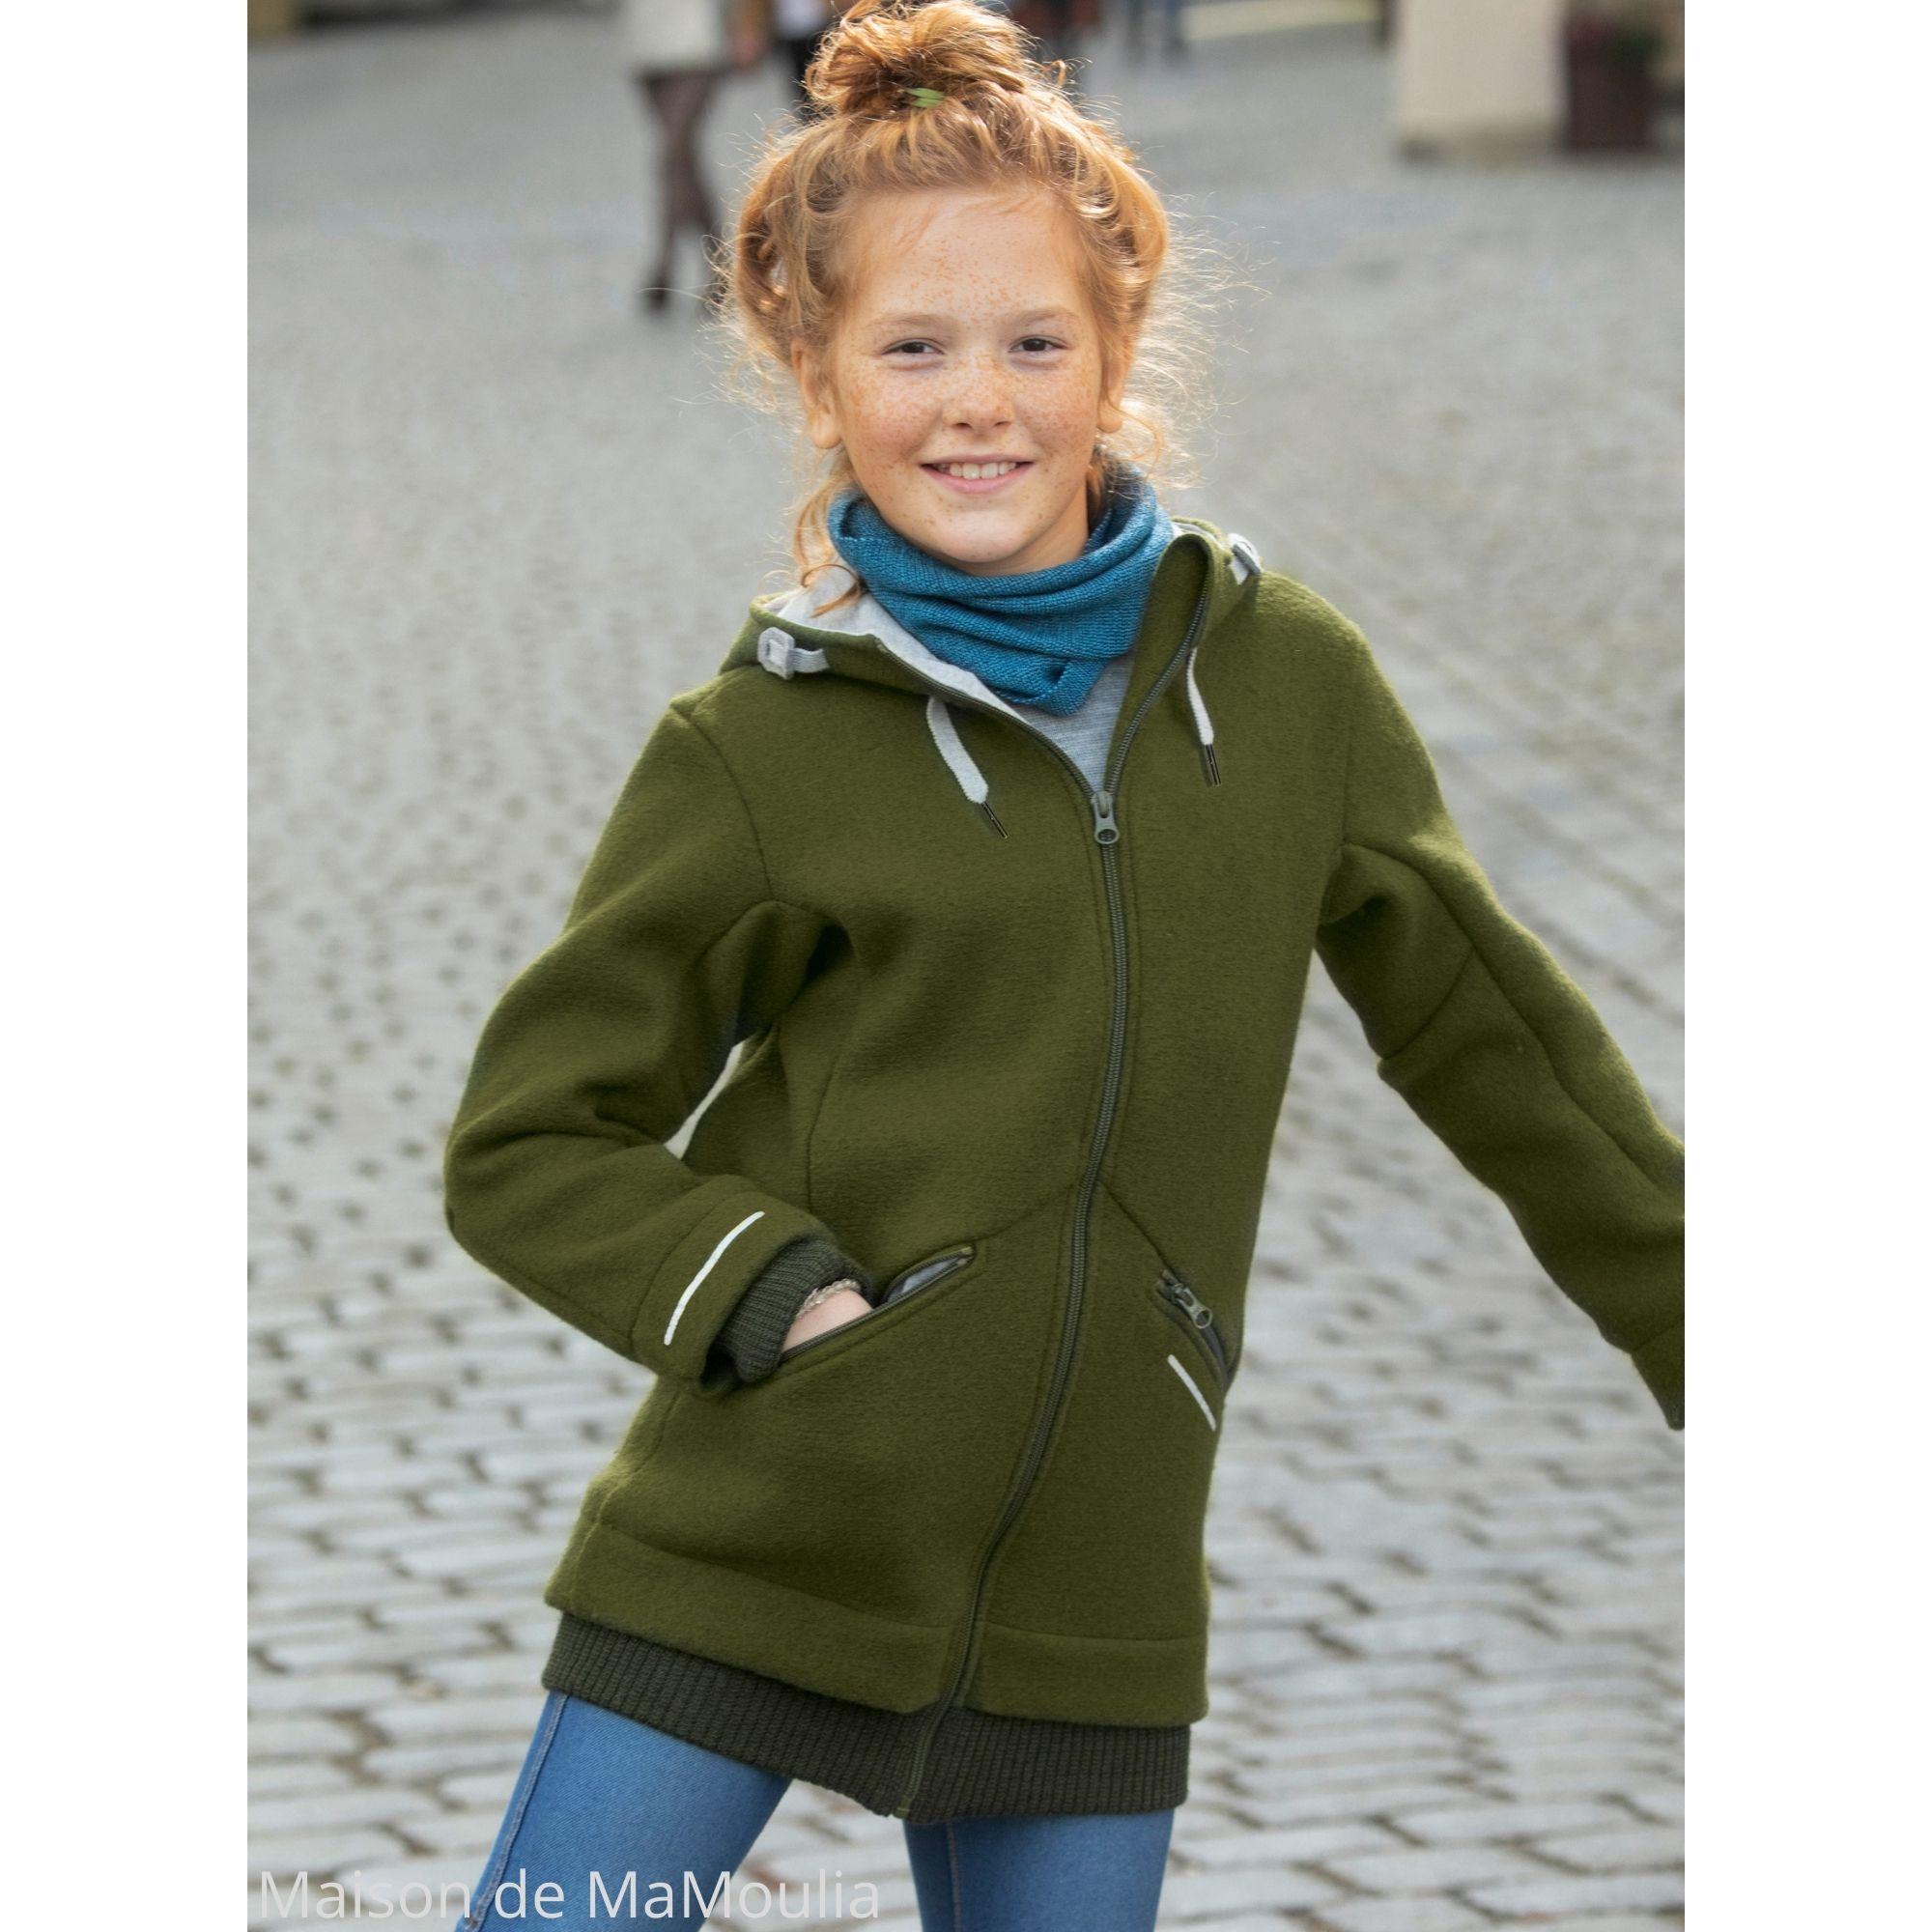 veste-outdoor-kid-capuche-enfant-disana-laine-bouillie-maison-de-mamoulia-vert-olive-fille